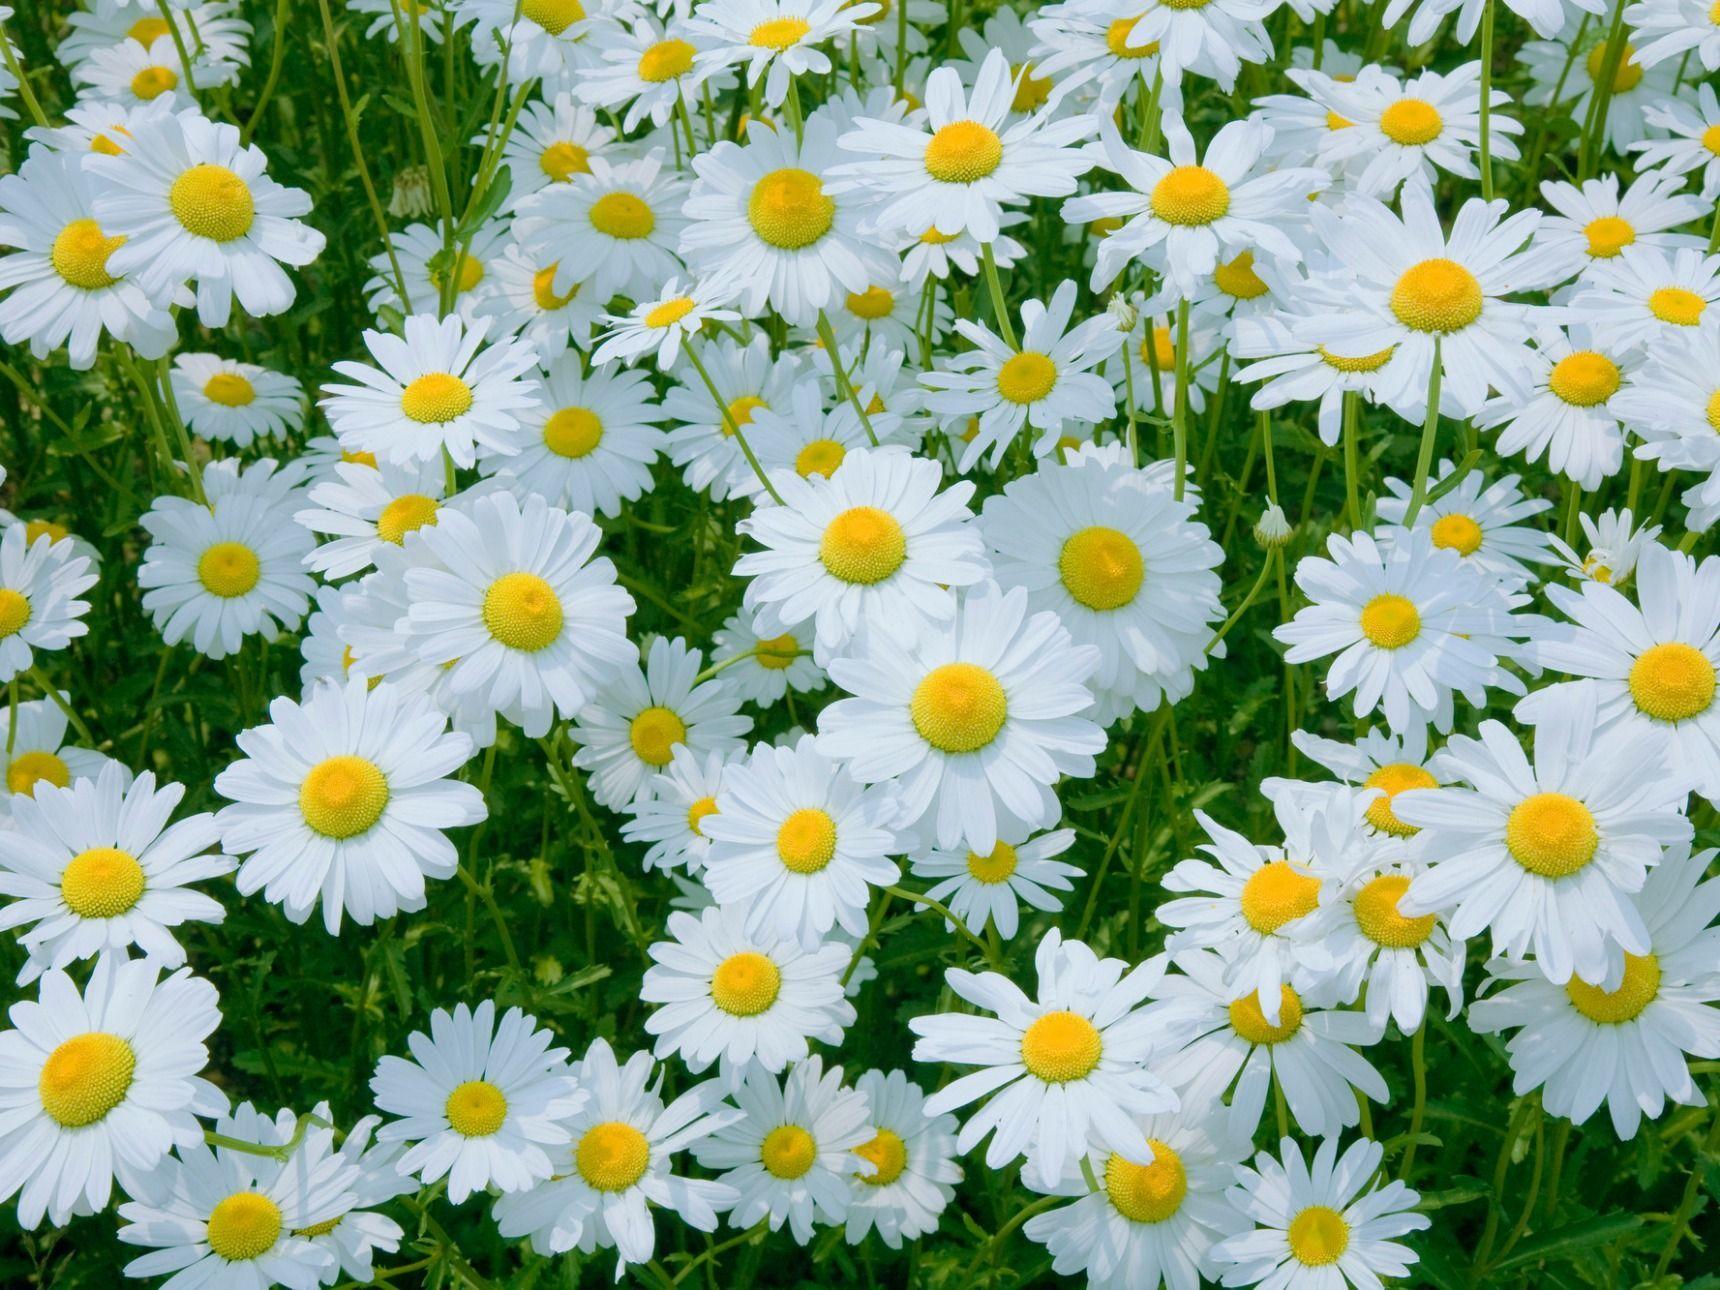 ギリシア 語 で 真珠 という 意味 の 花 は